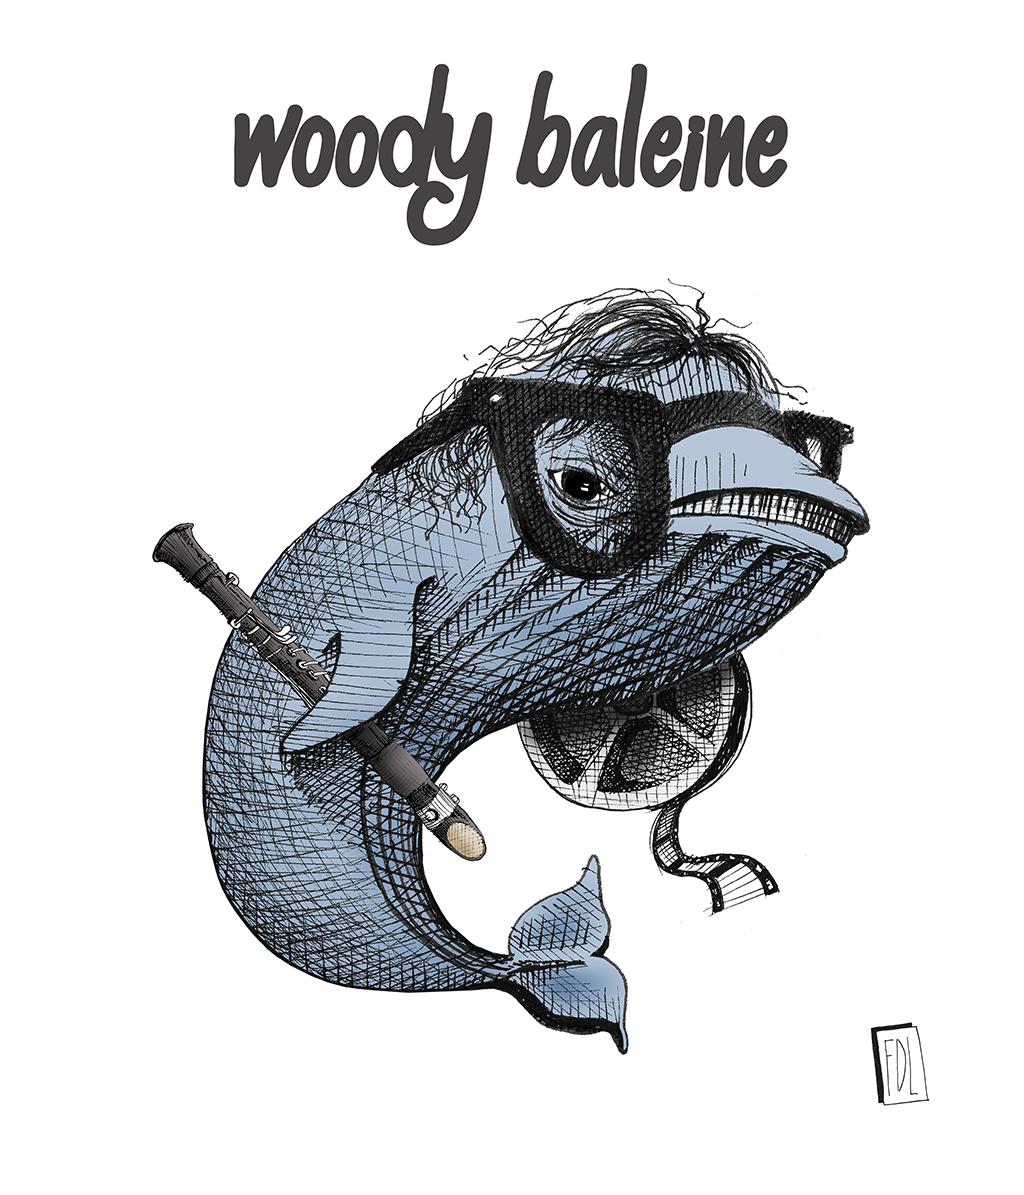 WOODY BALEINE